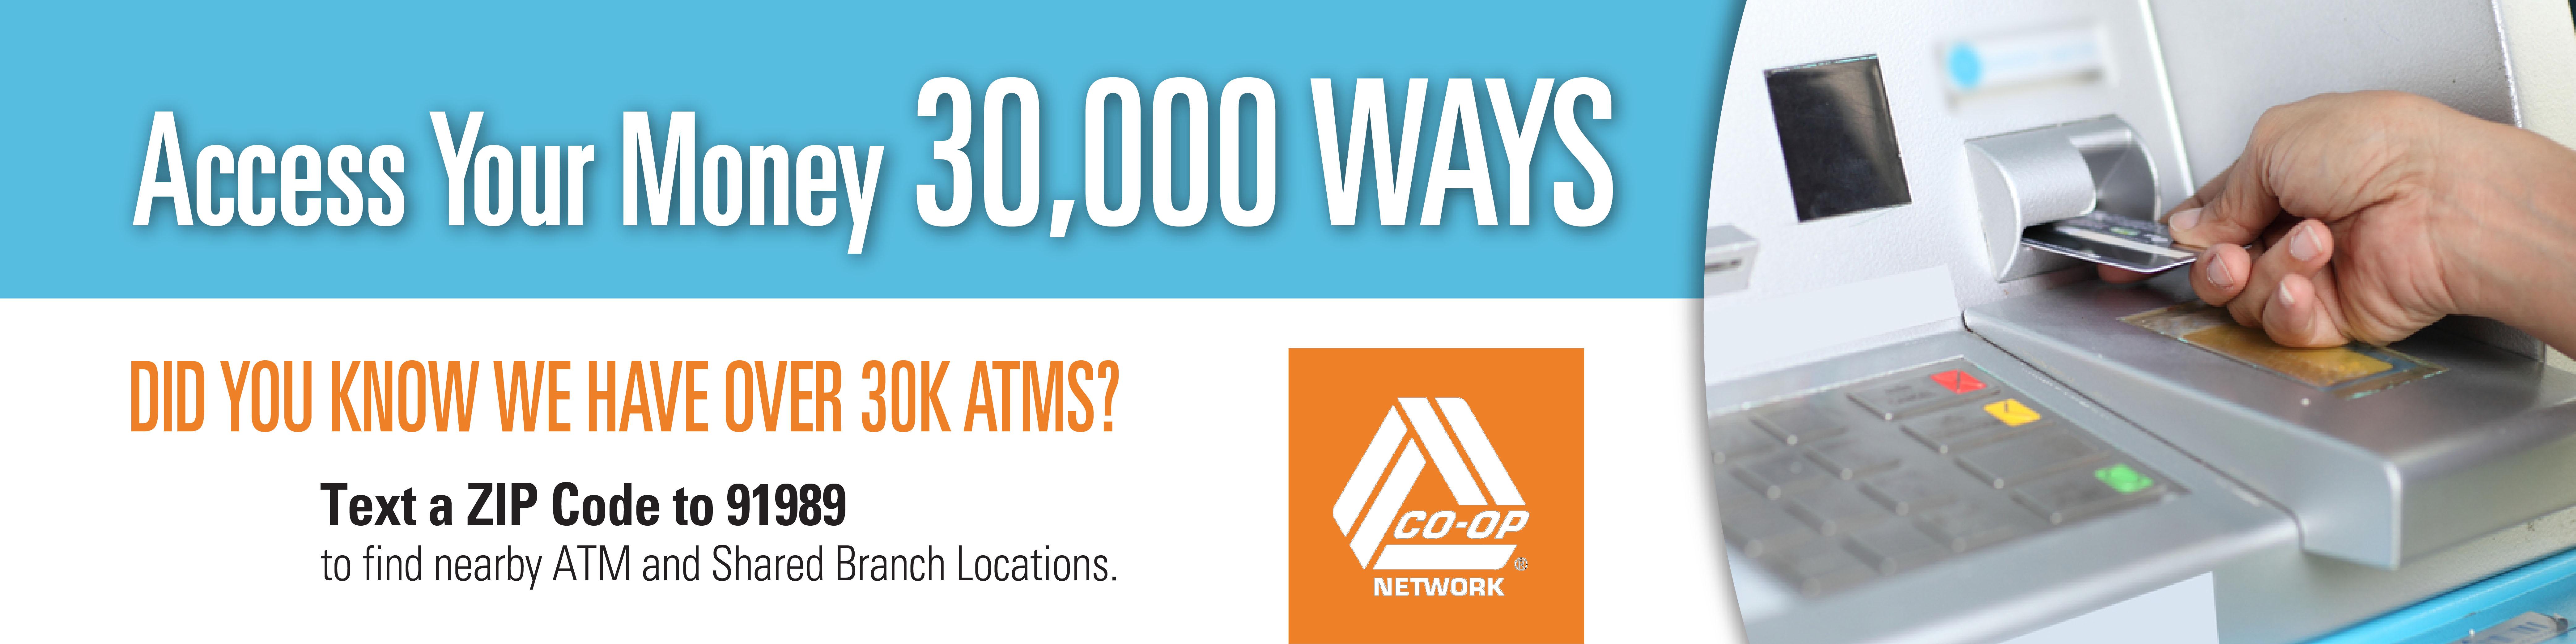 CO-OP 30,000 ATMs